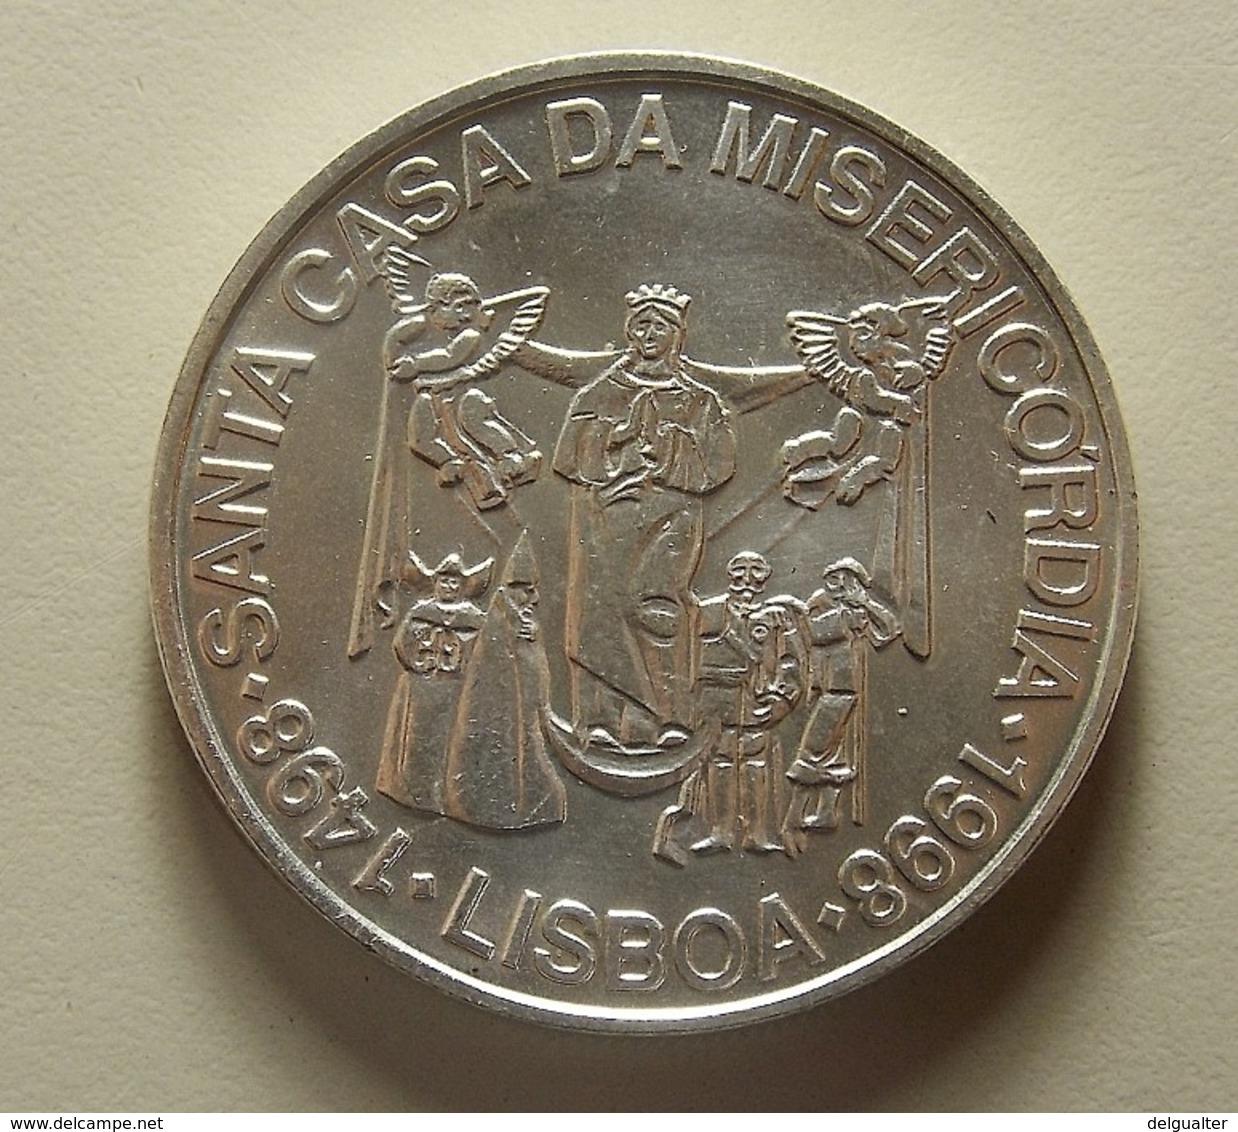 Portugal 1000 Escudos Santa Casa Da Misericórdia Silver - Portugal